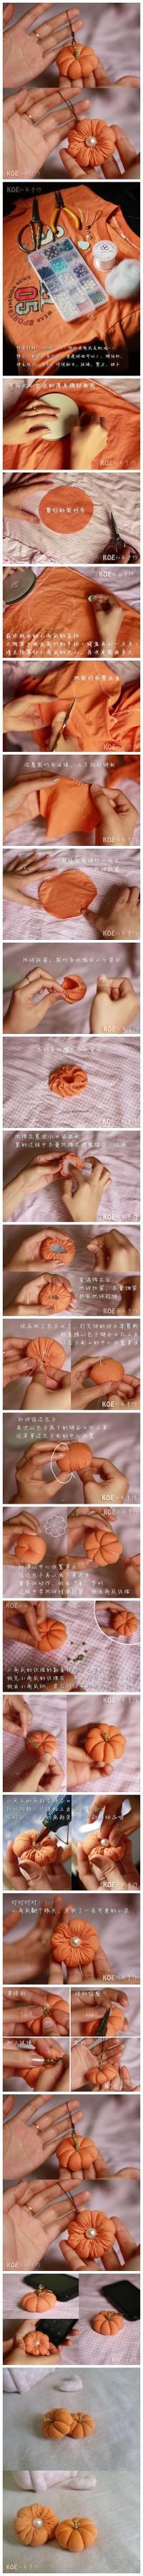 DIY Old T-Shirt Pumpkin Ornament DIY Projects | UsefulDIY.com